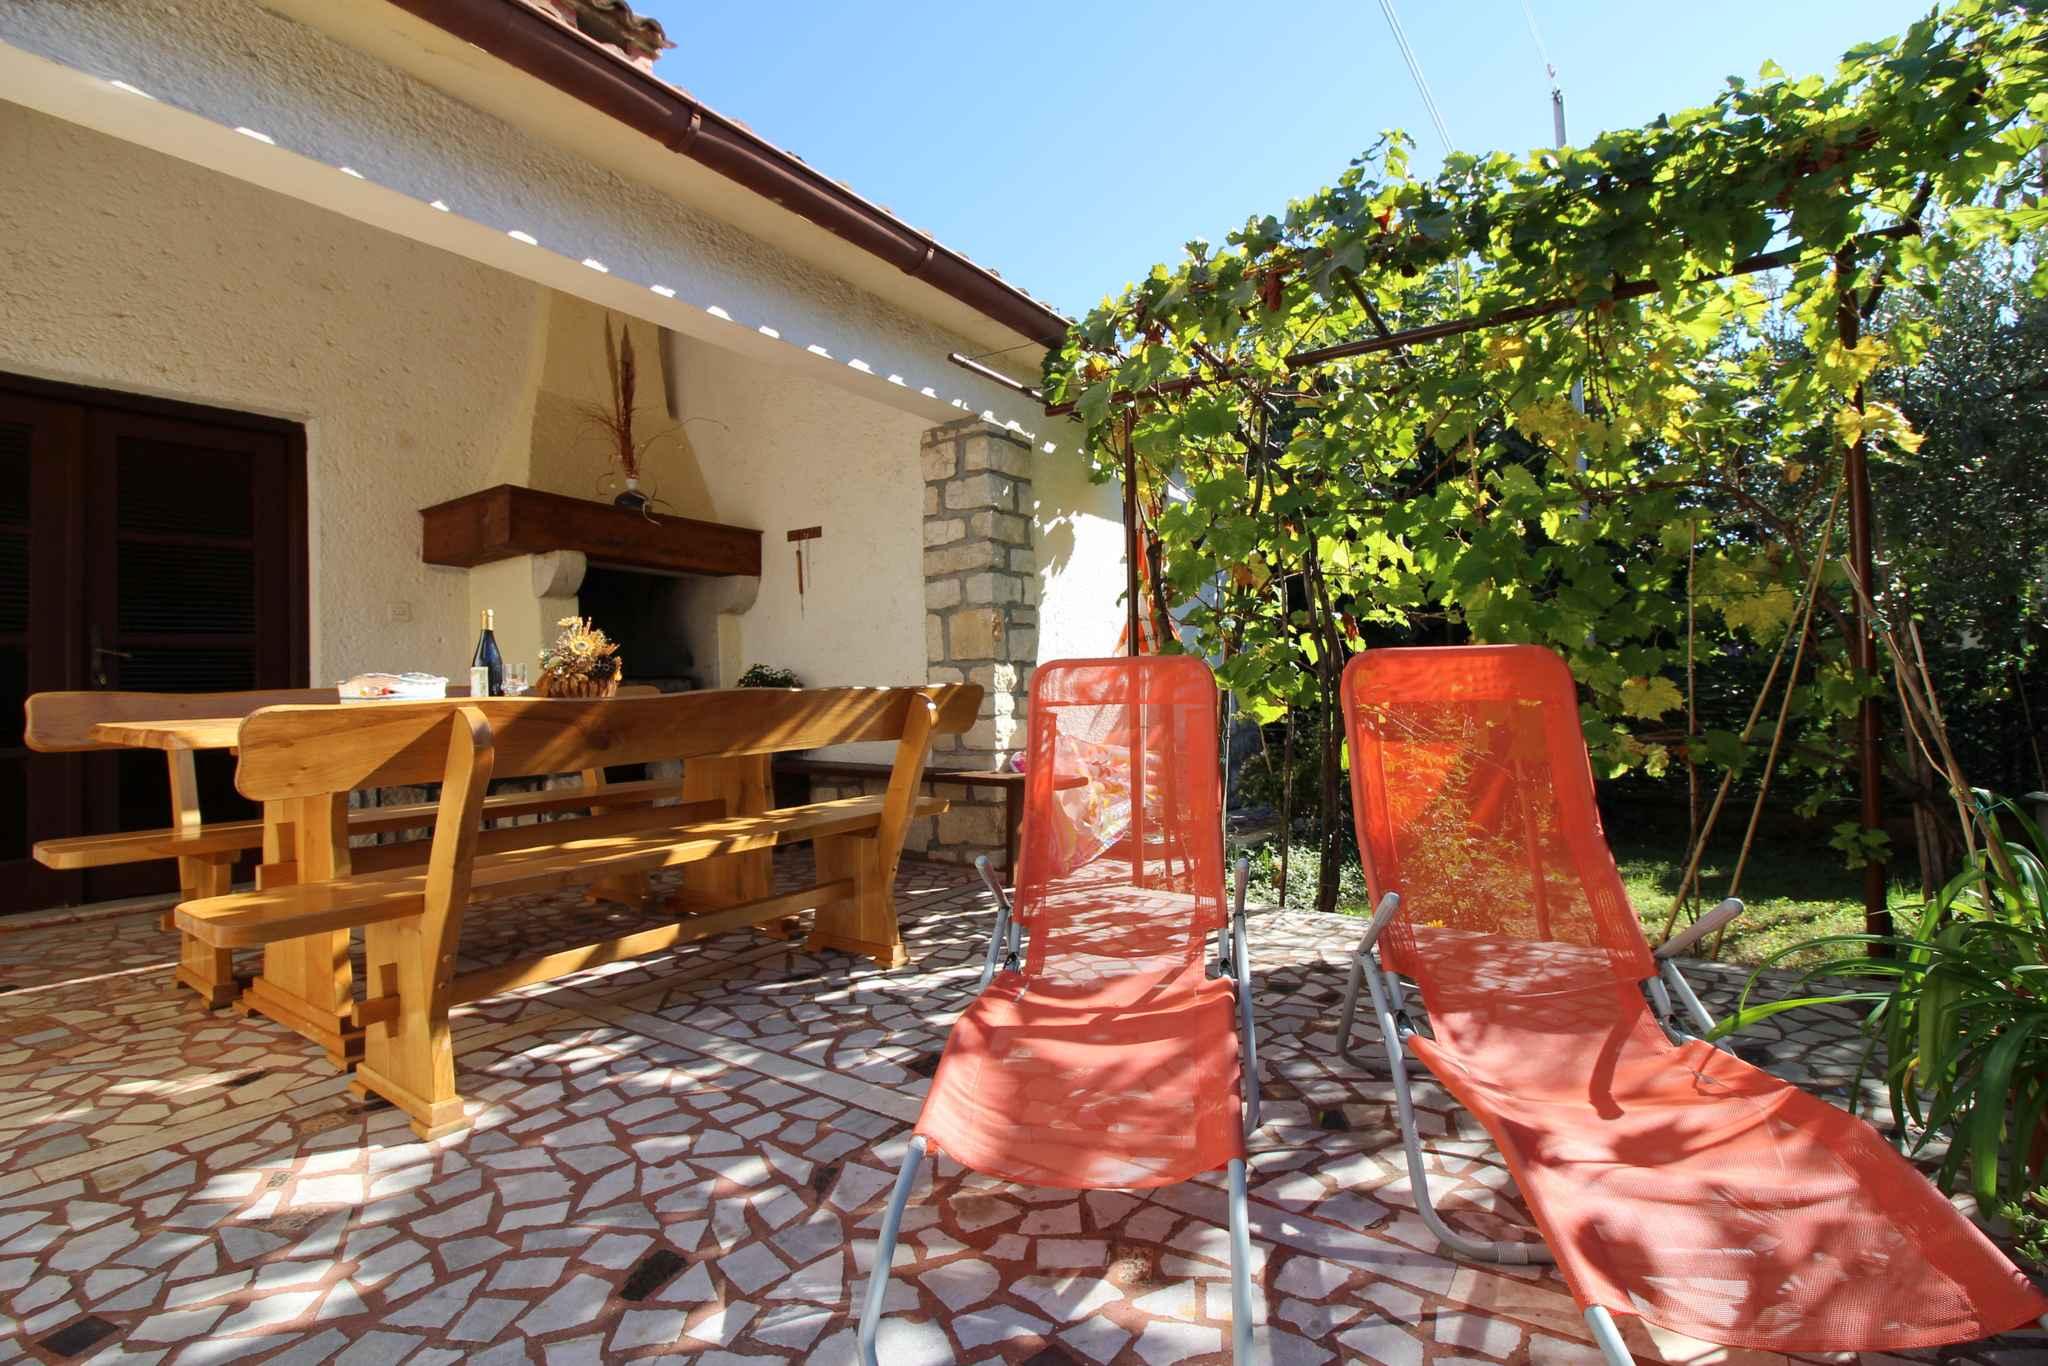 Ferienwohnung mit schönem Garten und Grill (280313), Porec, , Istrien, Kroatien, Bild 4